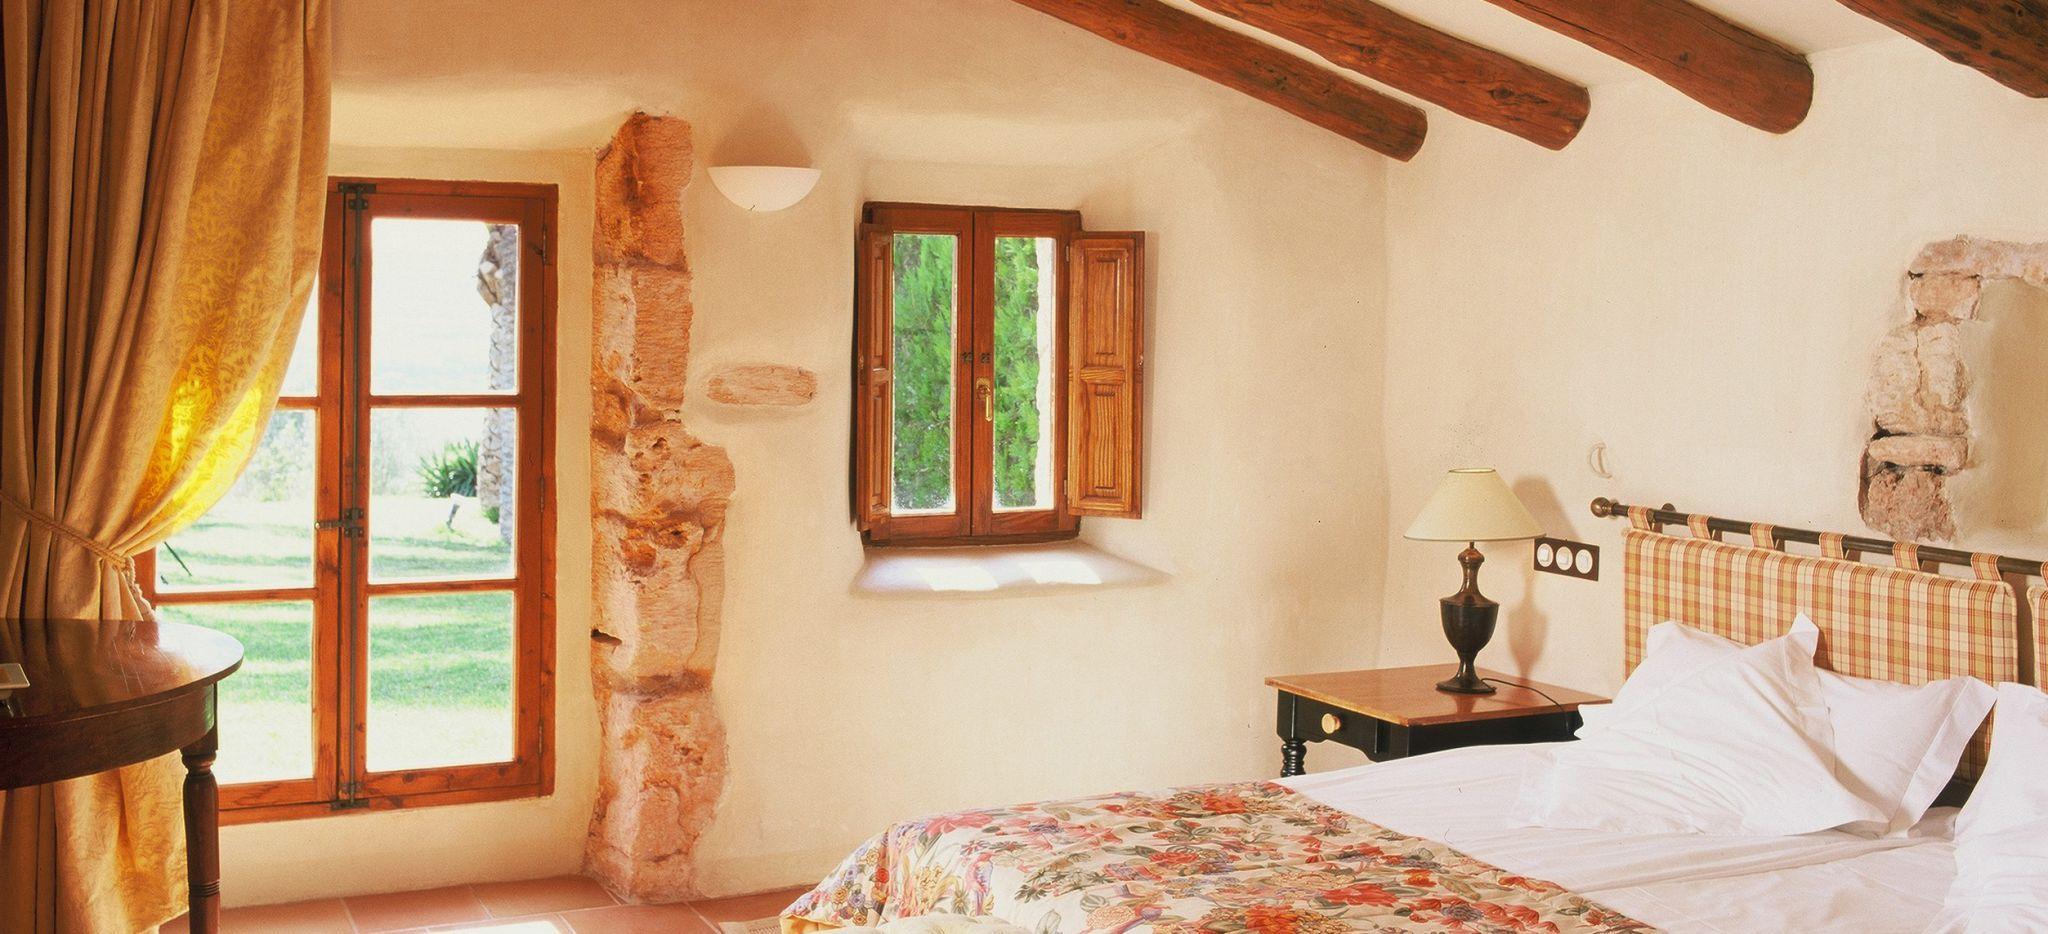 Ein Schlafzimmer in einer mallorquinischen Finca